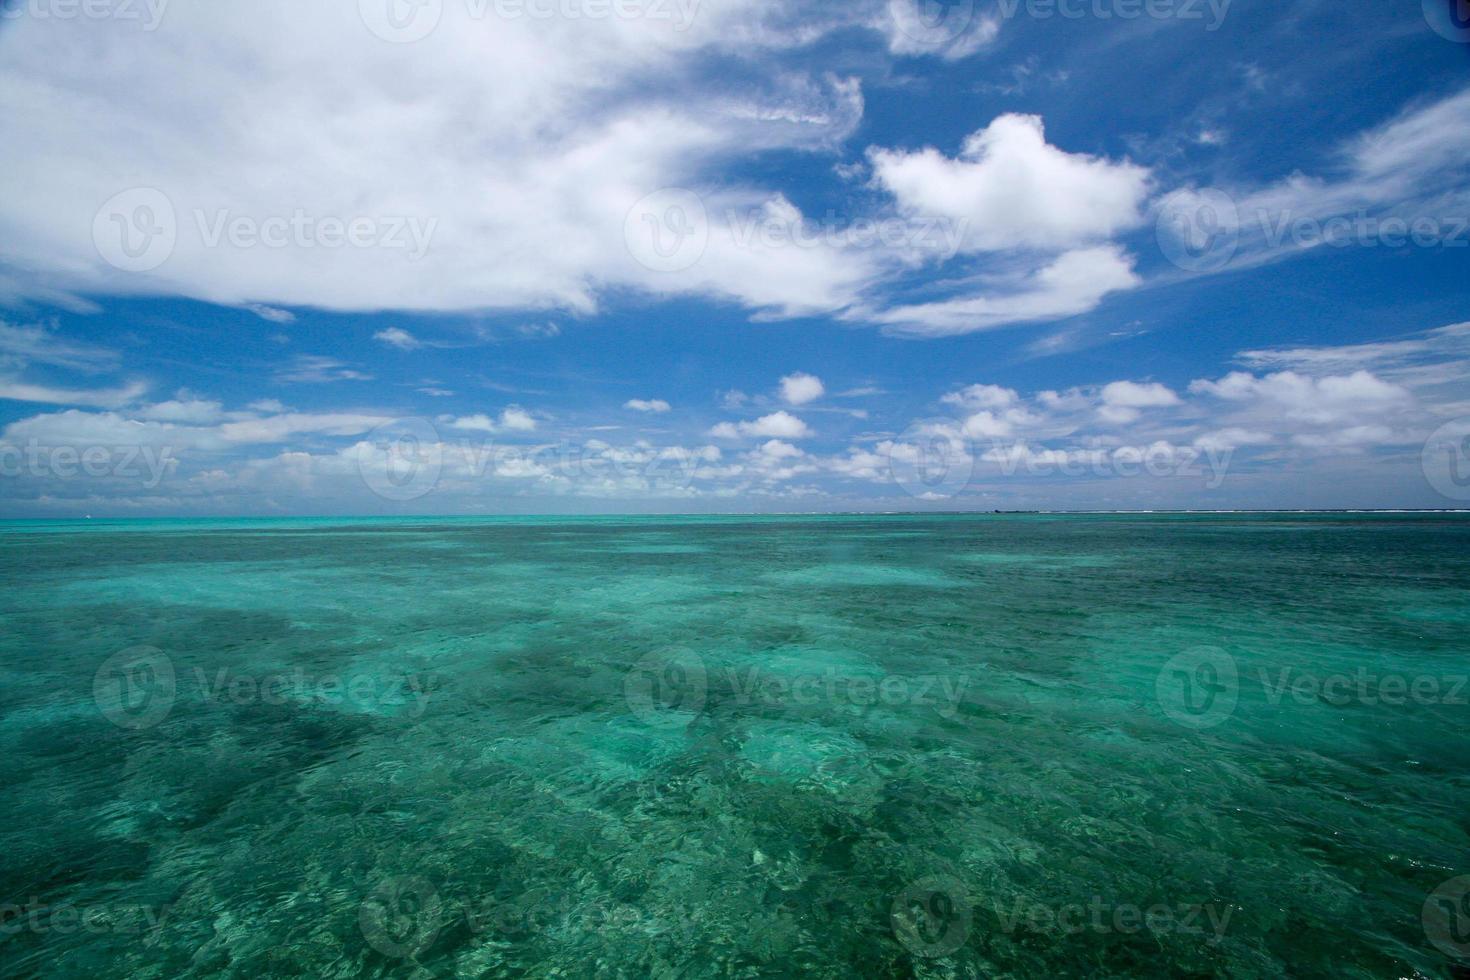 Caraïbisch water en lucht - turkoois en blauw foto